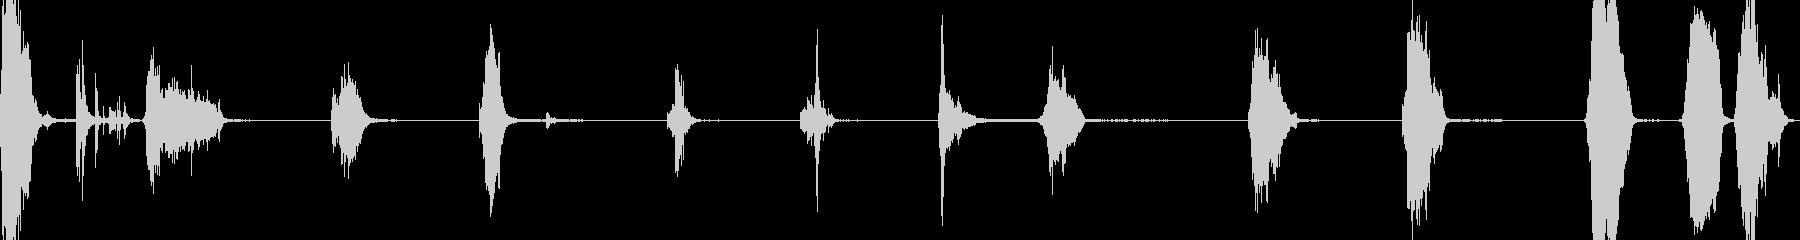 メタルバレル:スクレイピング、8テ...の未再生の波形